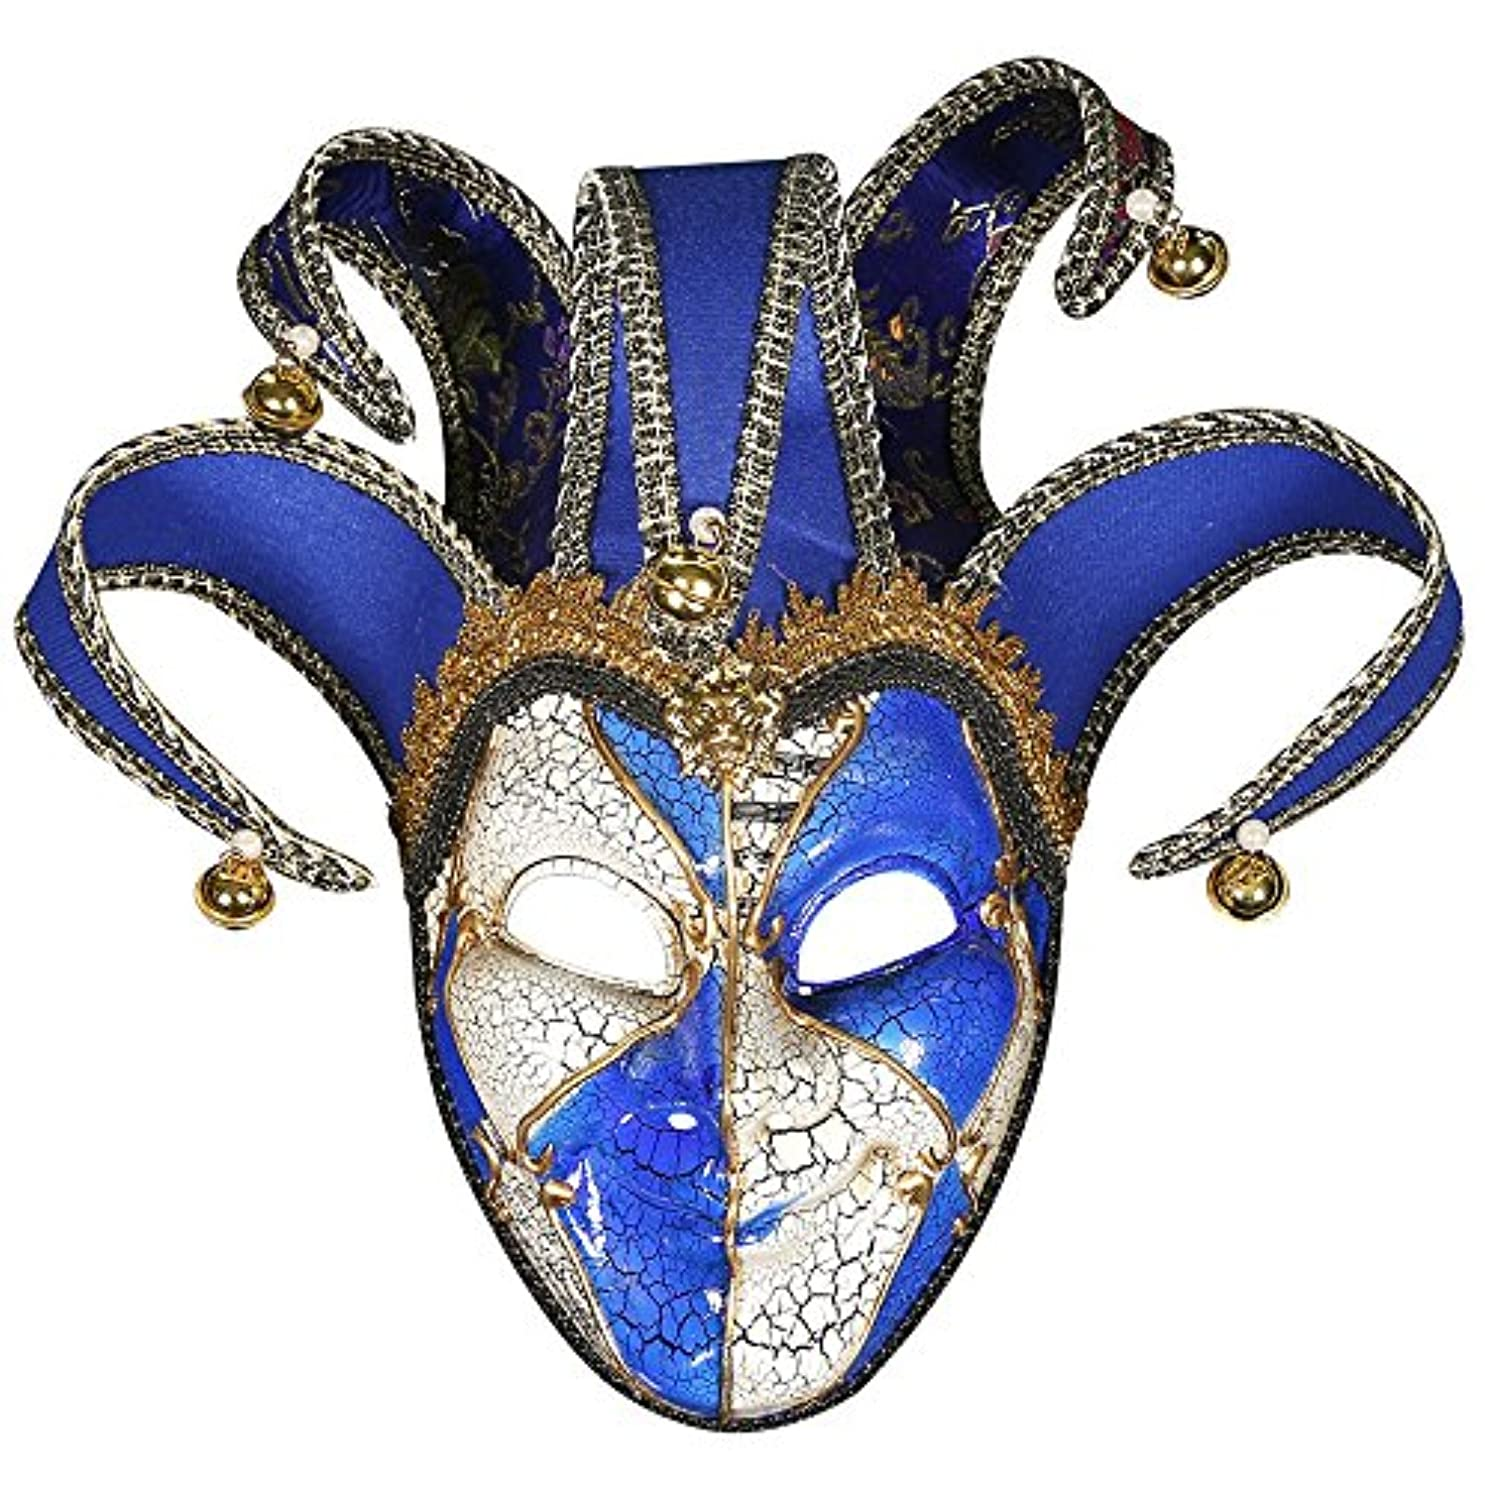 プロフィールクルーバレエハイエンドの美しいクラックフェスティバル仮面舞踏会マスクハロウィーン誕生日パーティーピエロマスク (Color : B)